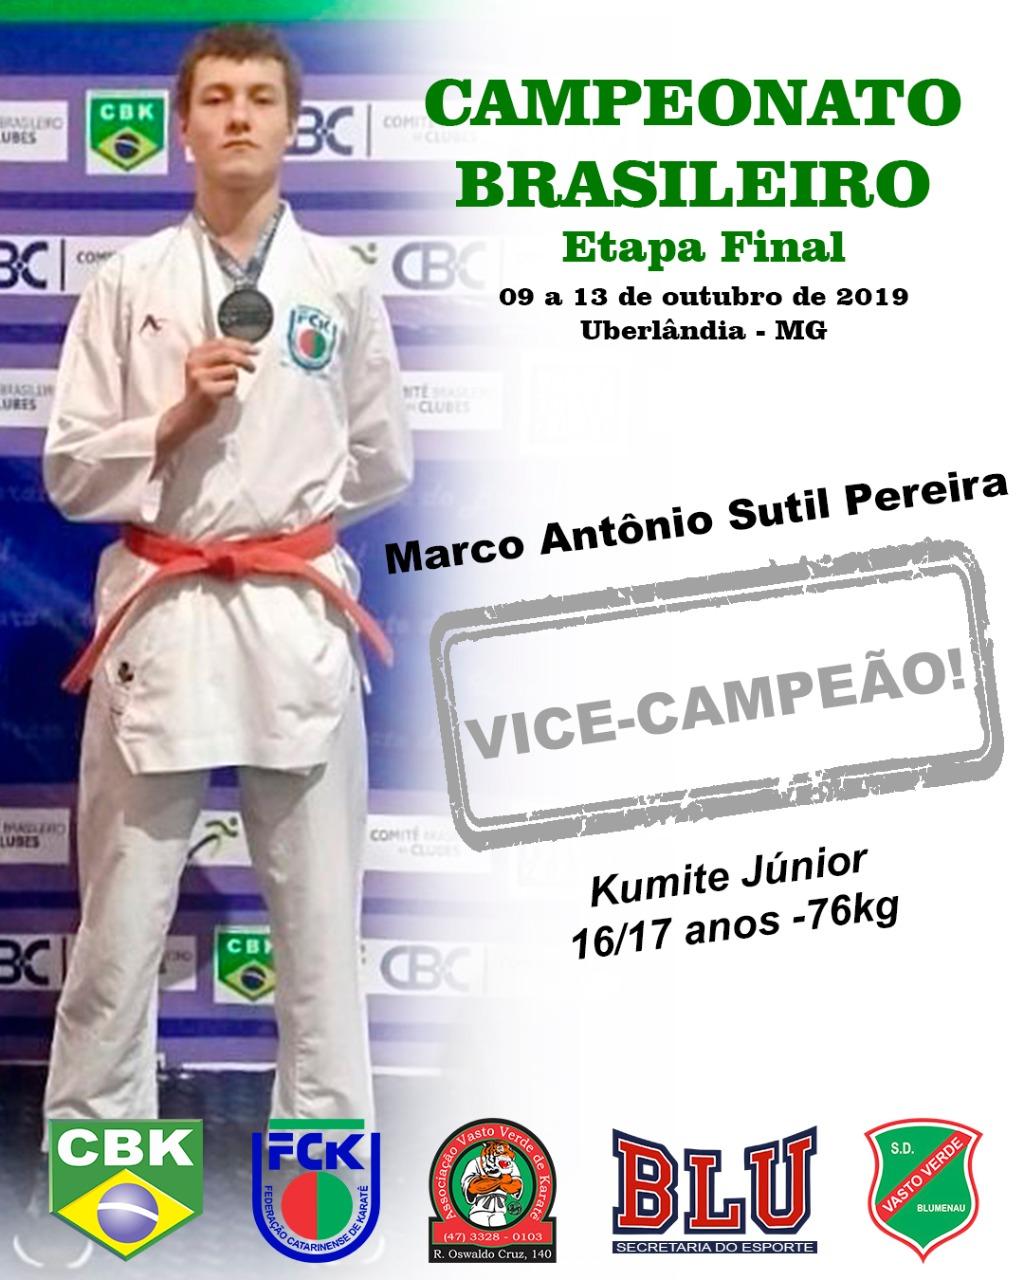 Vasto Verde conquista medalhas no Campeonato Brasileiro de Karatê!